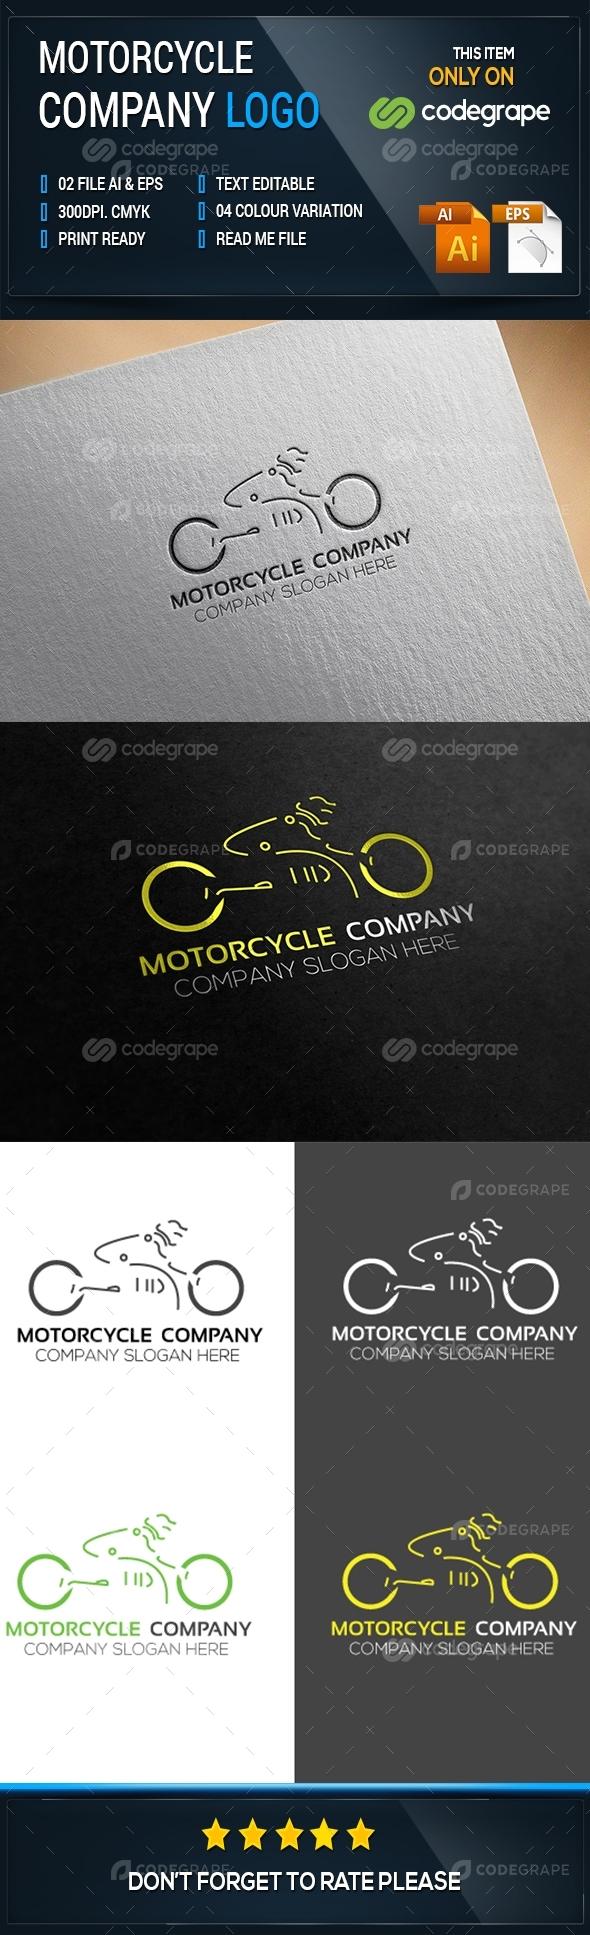 Motorcycle Company Logo